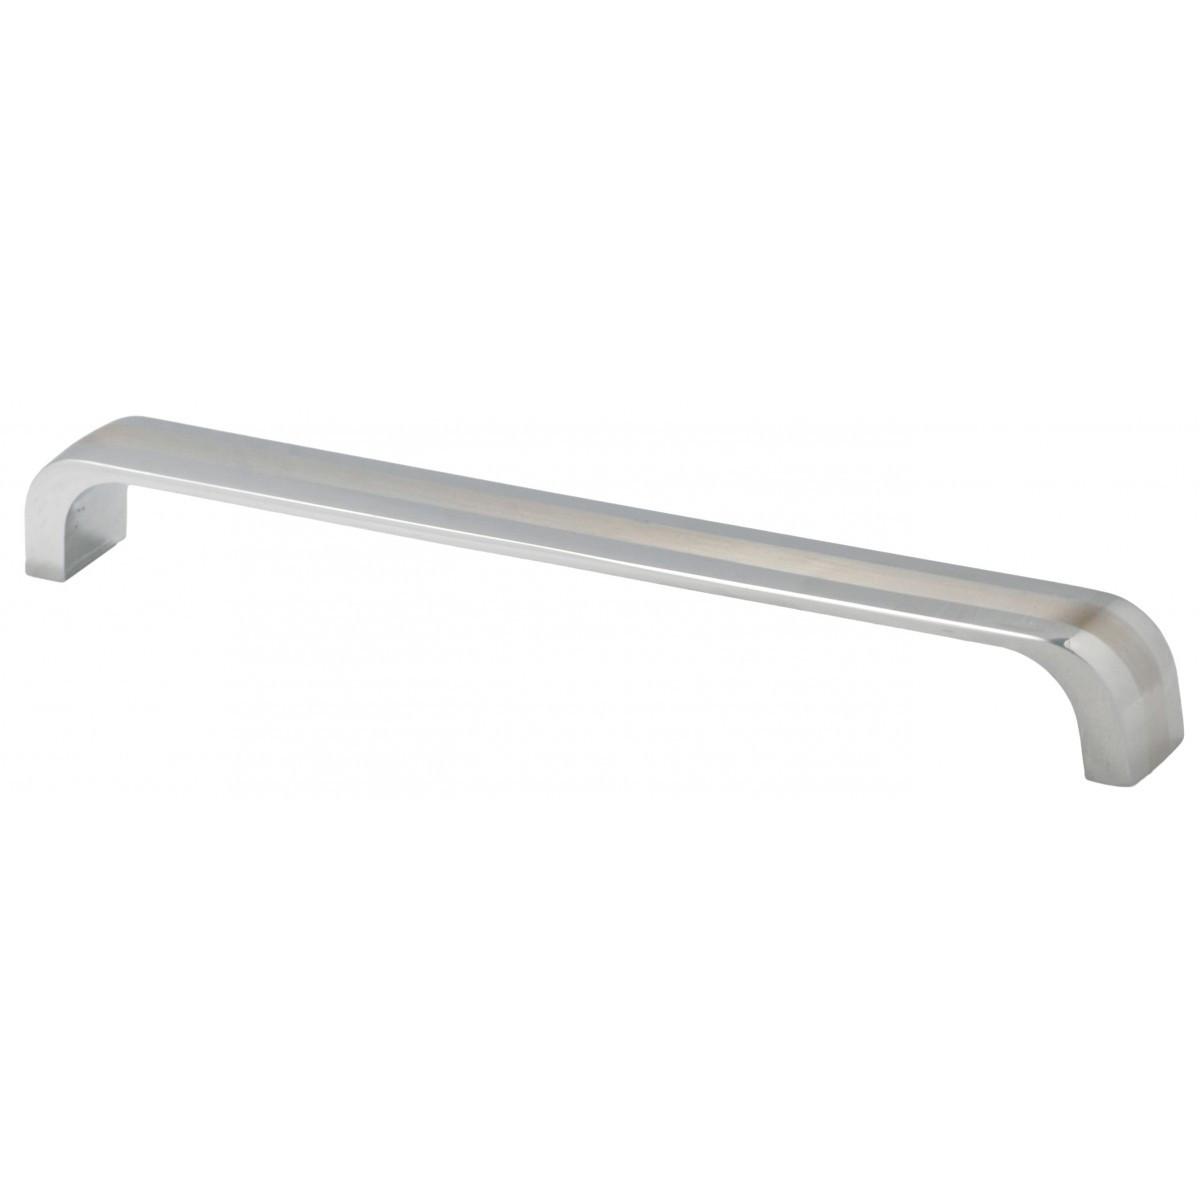 Ручка меблева Ozkardesler 5221-06/022 DOLUNAY 192мм Хром-Сталь-Хром